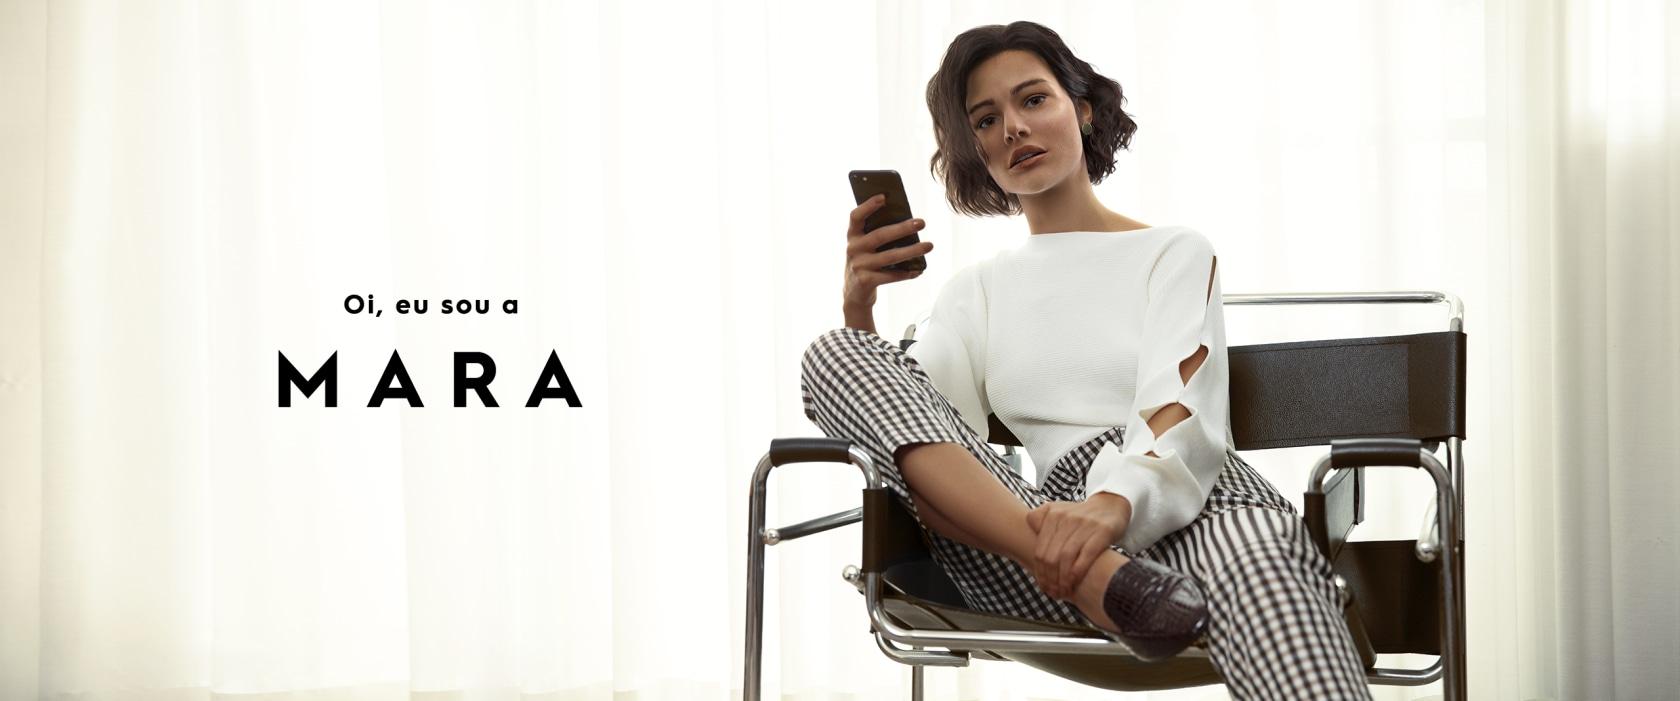 Pessoas virtuais -  Mara da Amaro